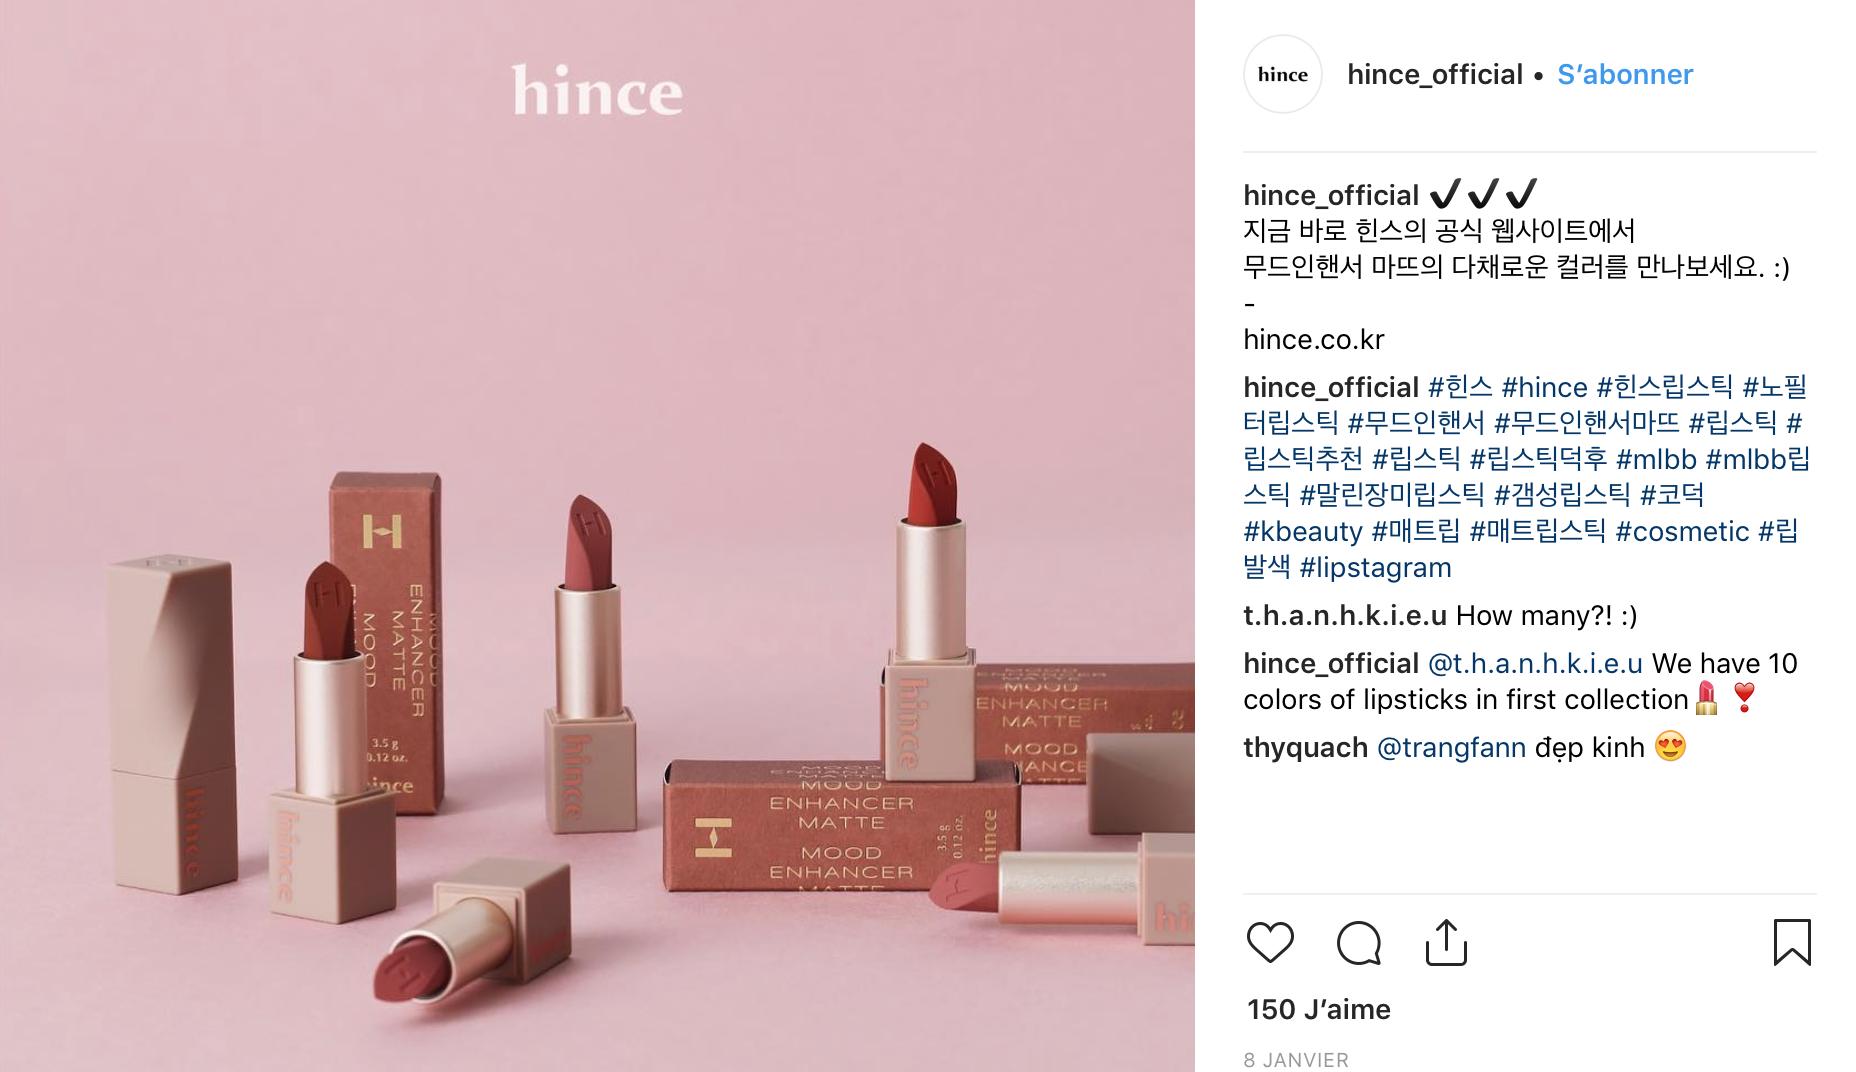 Hince-Mood-Enhancer-Matte-instagram